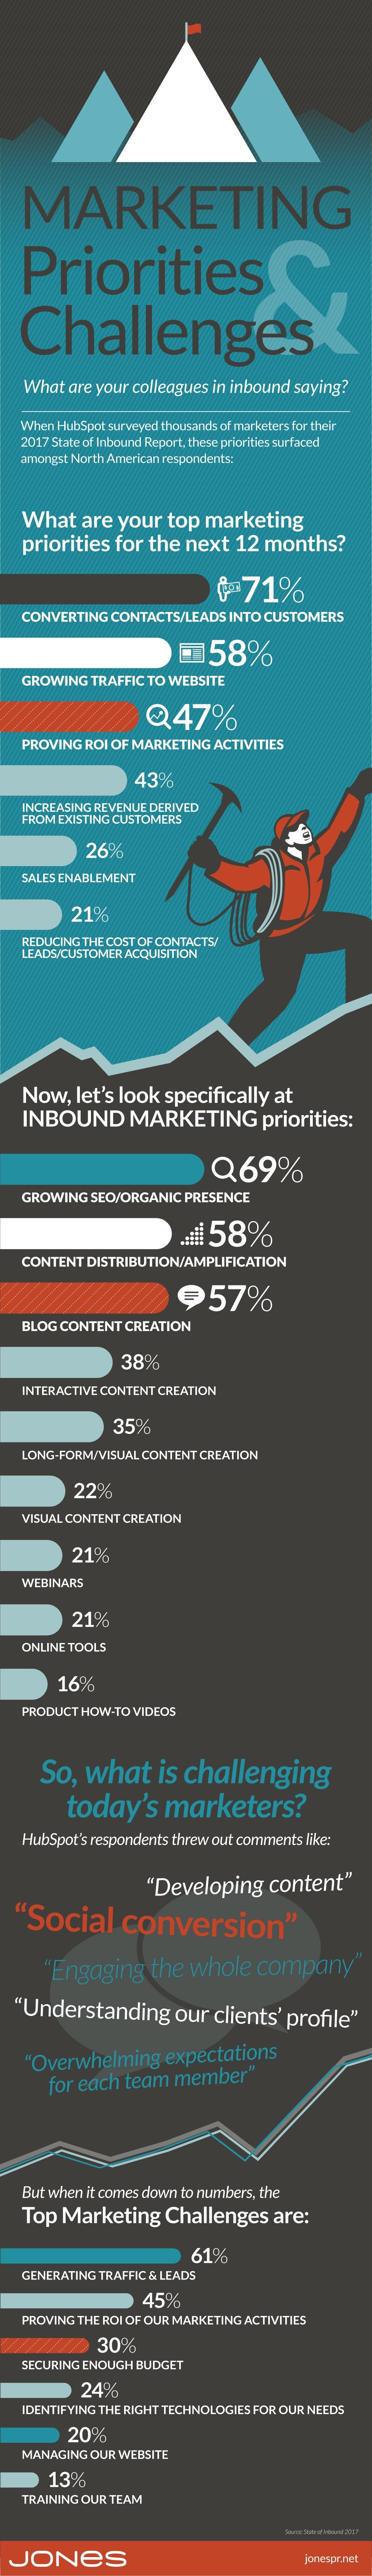 jones-marketing-priorities-challenges-2017.jpg